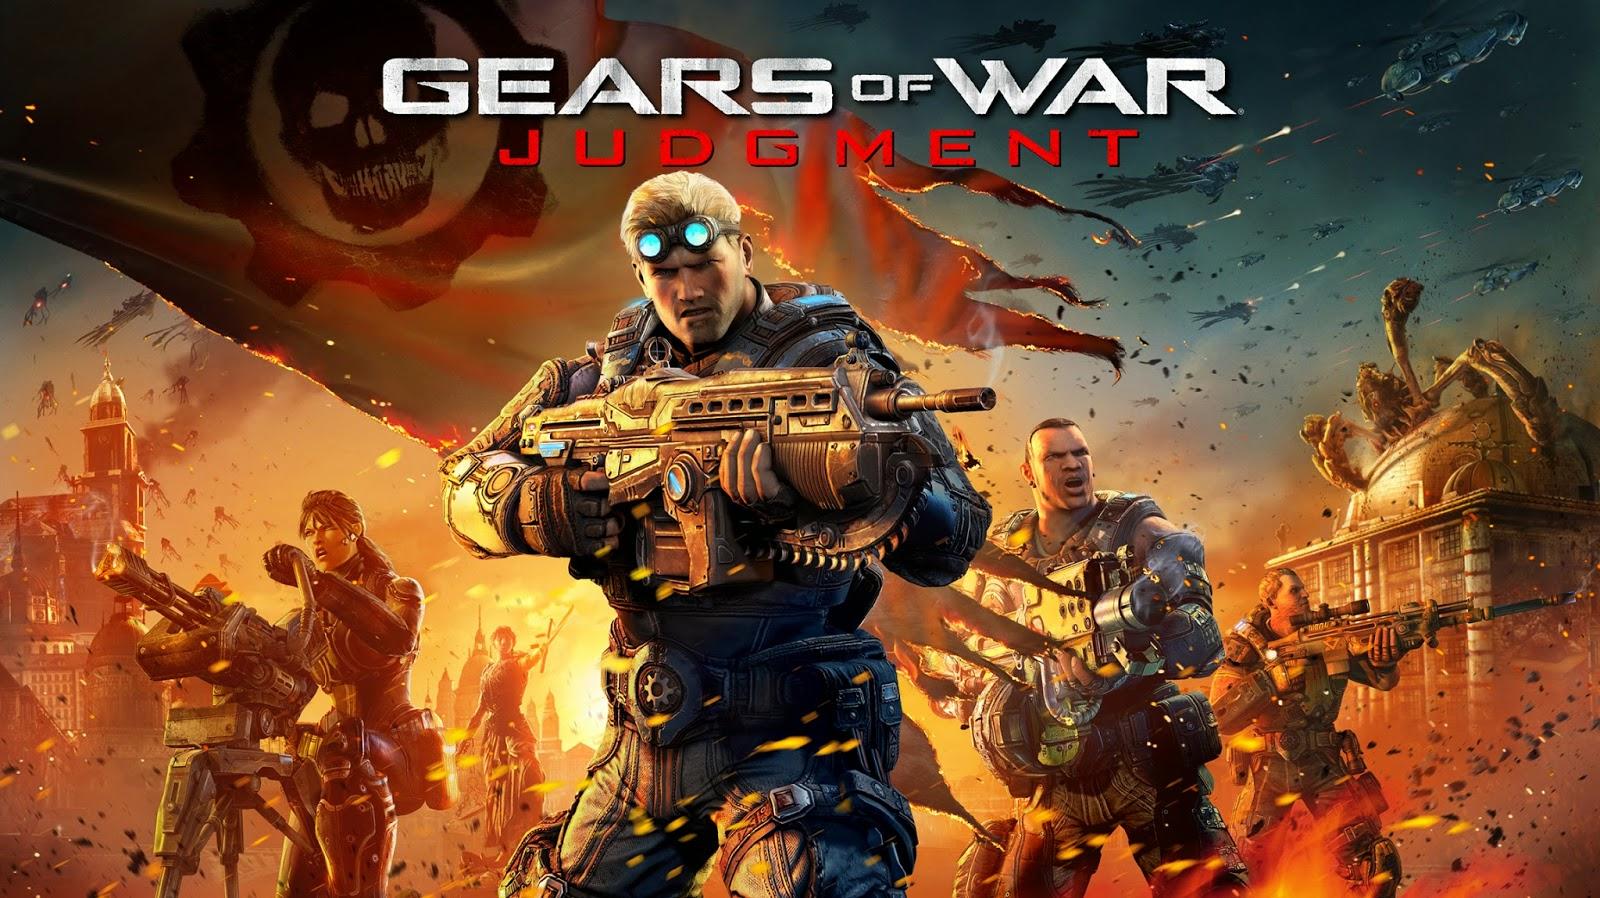 El rincon del golem gears of war judgment ltima secuela for Gears of war juego de mesa